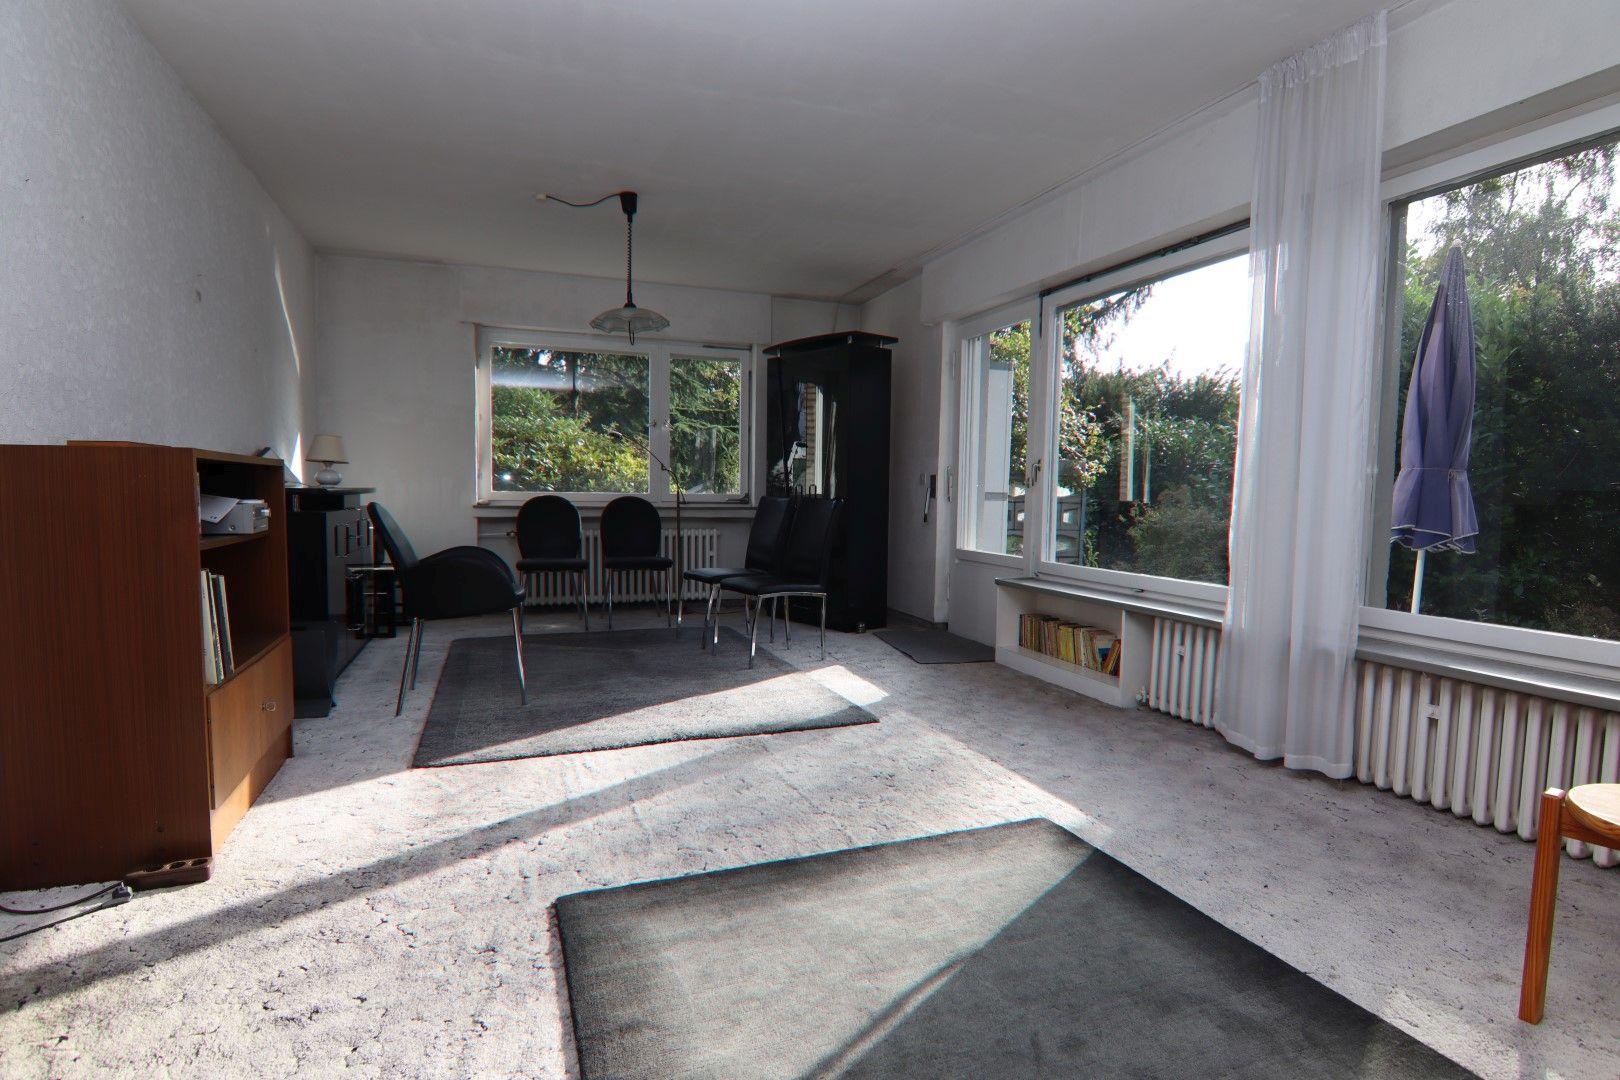 Immobilie Nr.0273 - Doppelhaushälfte in WEG mit Garten & Terrasse - Bild 6.jpg